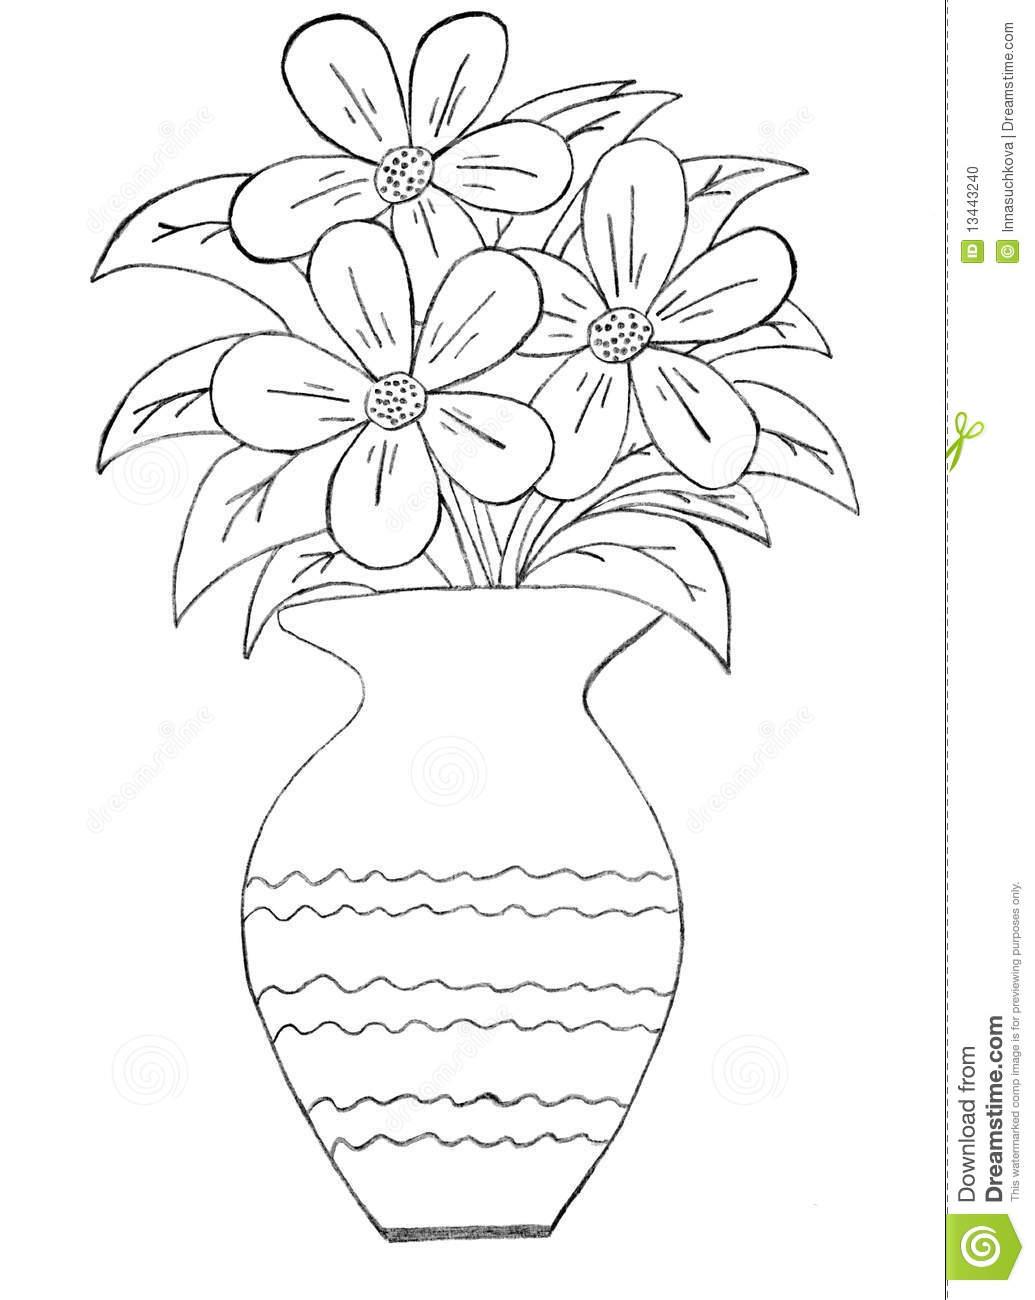 1035x1300 Sketch Of Flower Vase Pencil Sketch Of Flower Vase